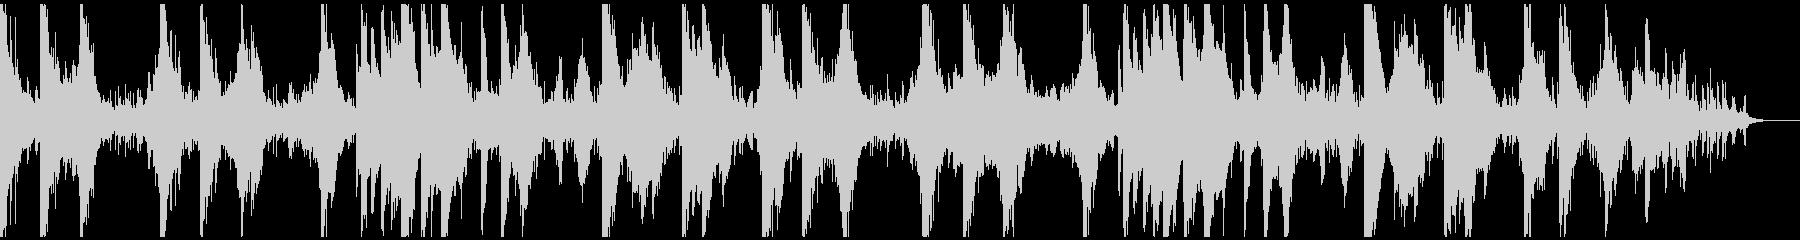 美しくノスタルジックなピアノアンビエントの未再生の波形